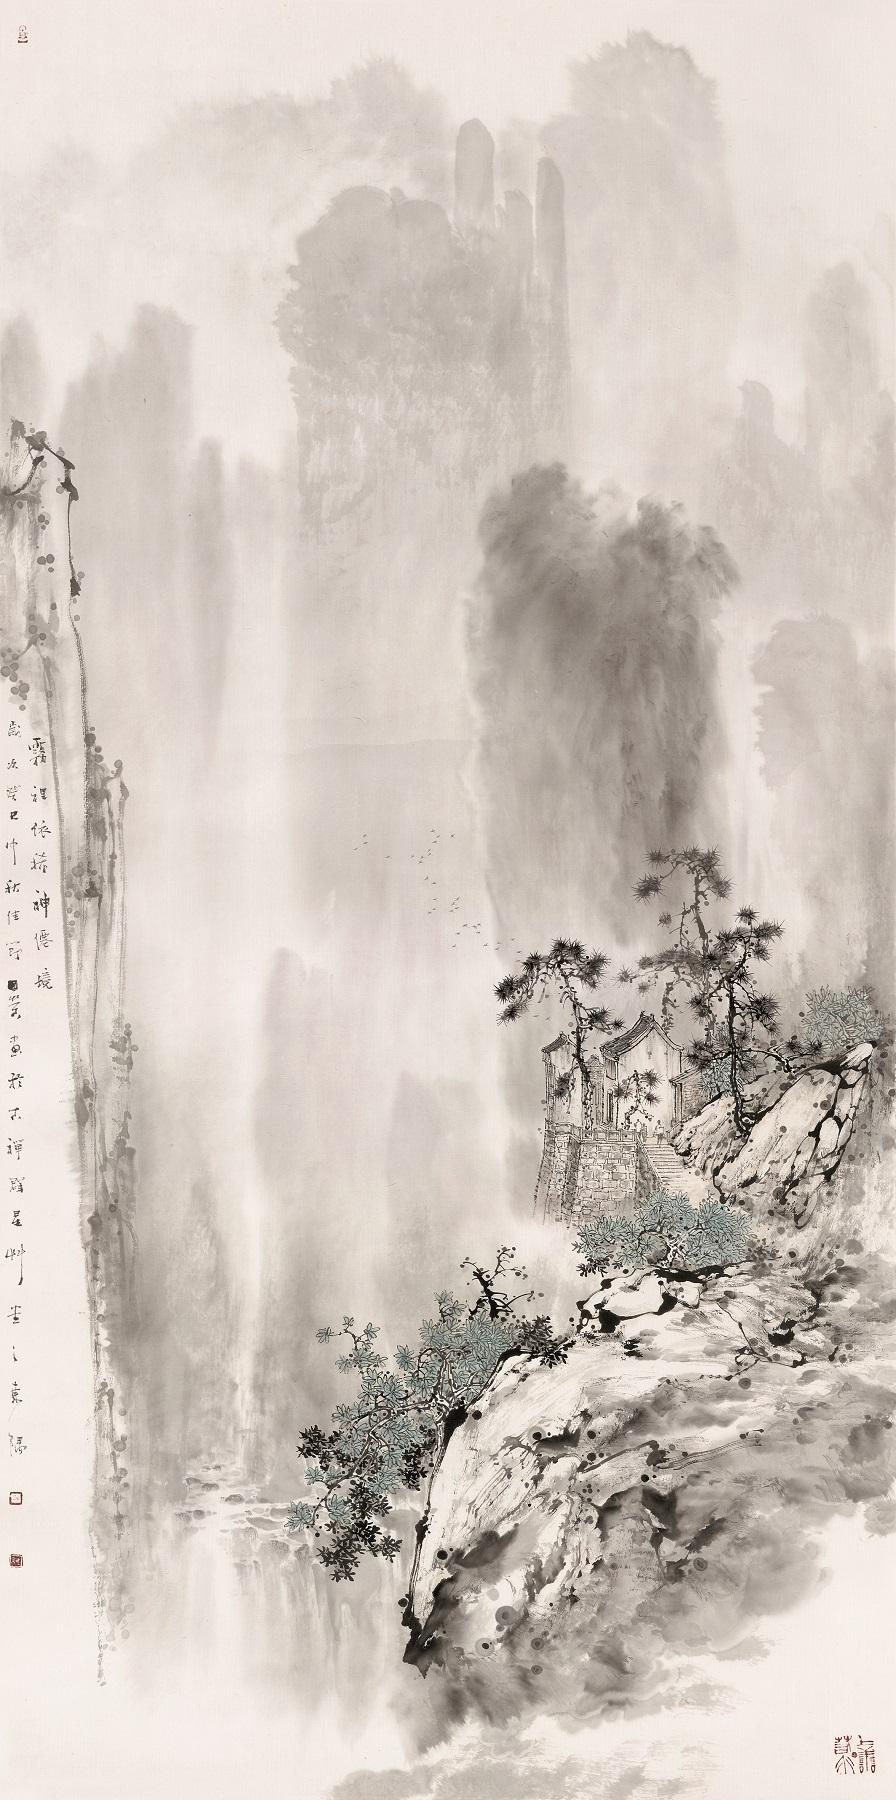 雾里依稀神仙境      2013年   138cmX70cm   纸本水墨.jpg